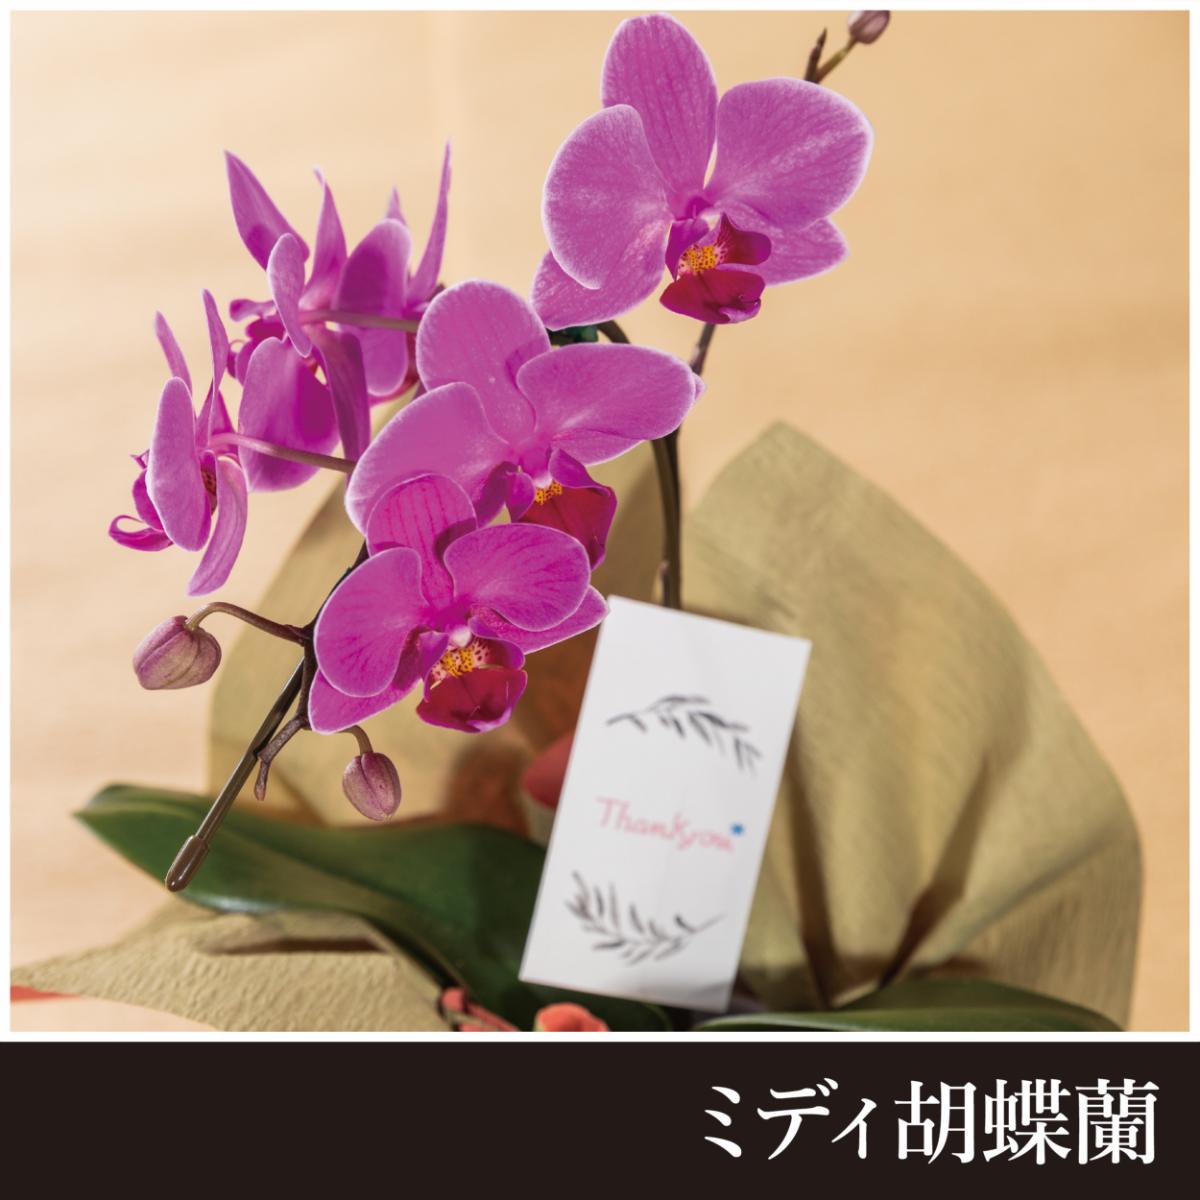 【敬老の日限定販売】ミディ胡蝶蘭